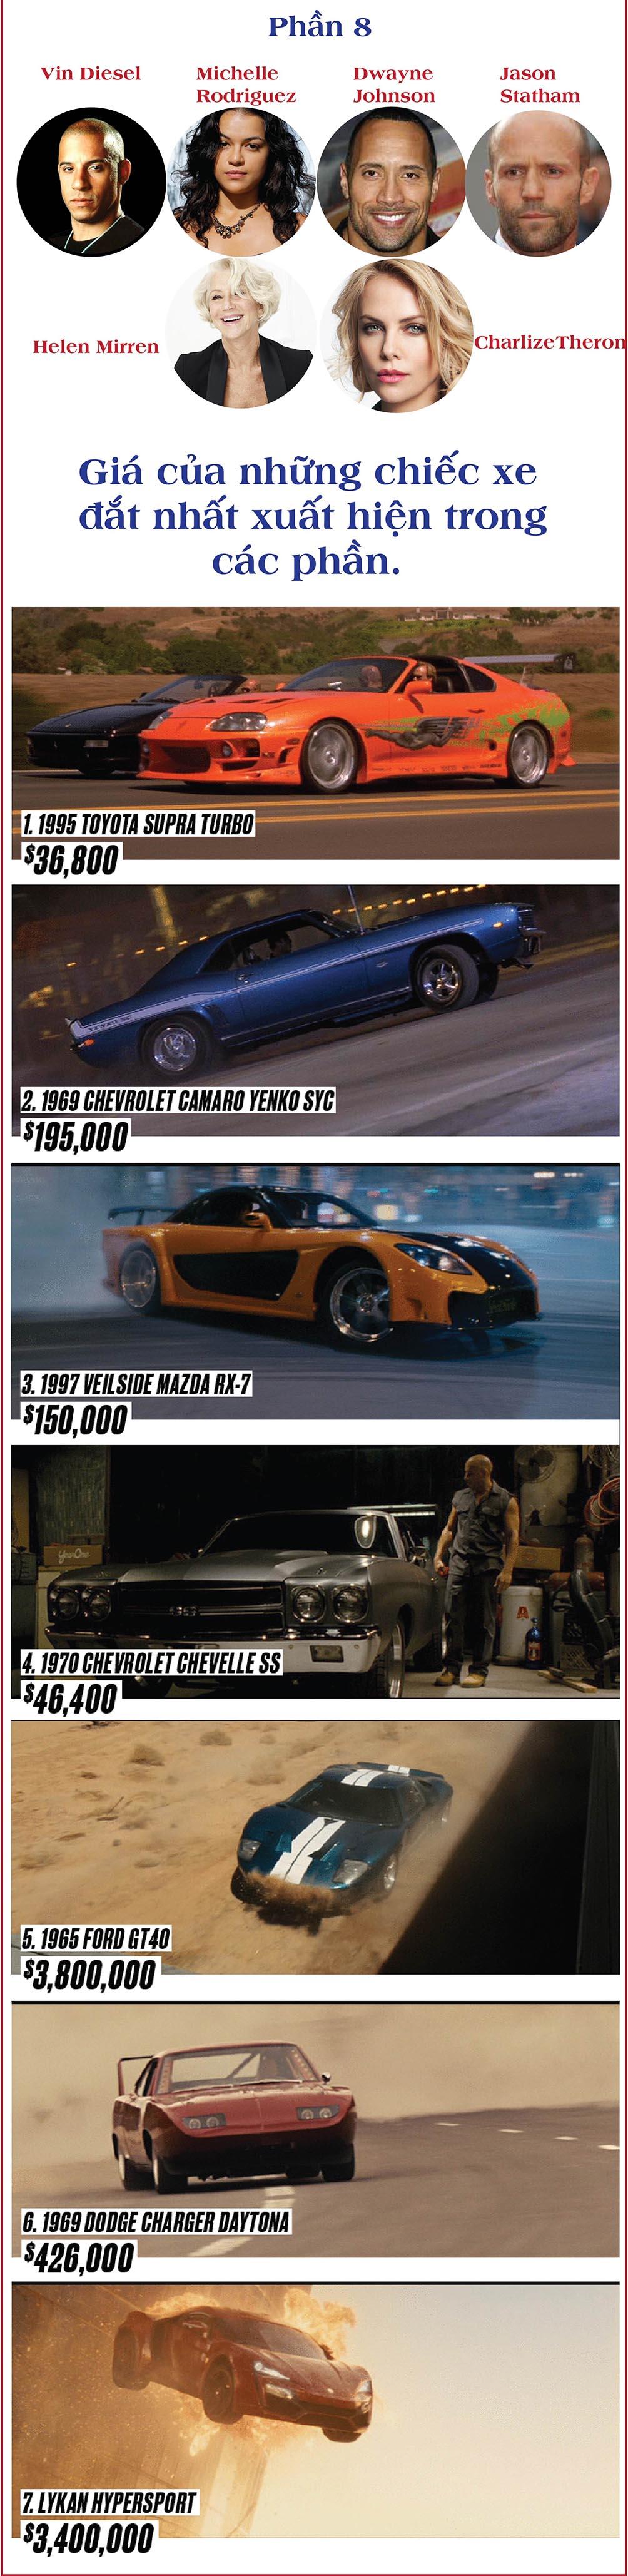 """Fast & Furious 16 năm và những con số """"không tưởng"""" - 2"""